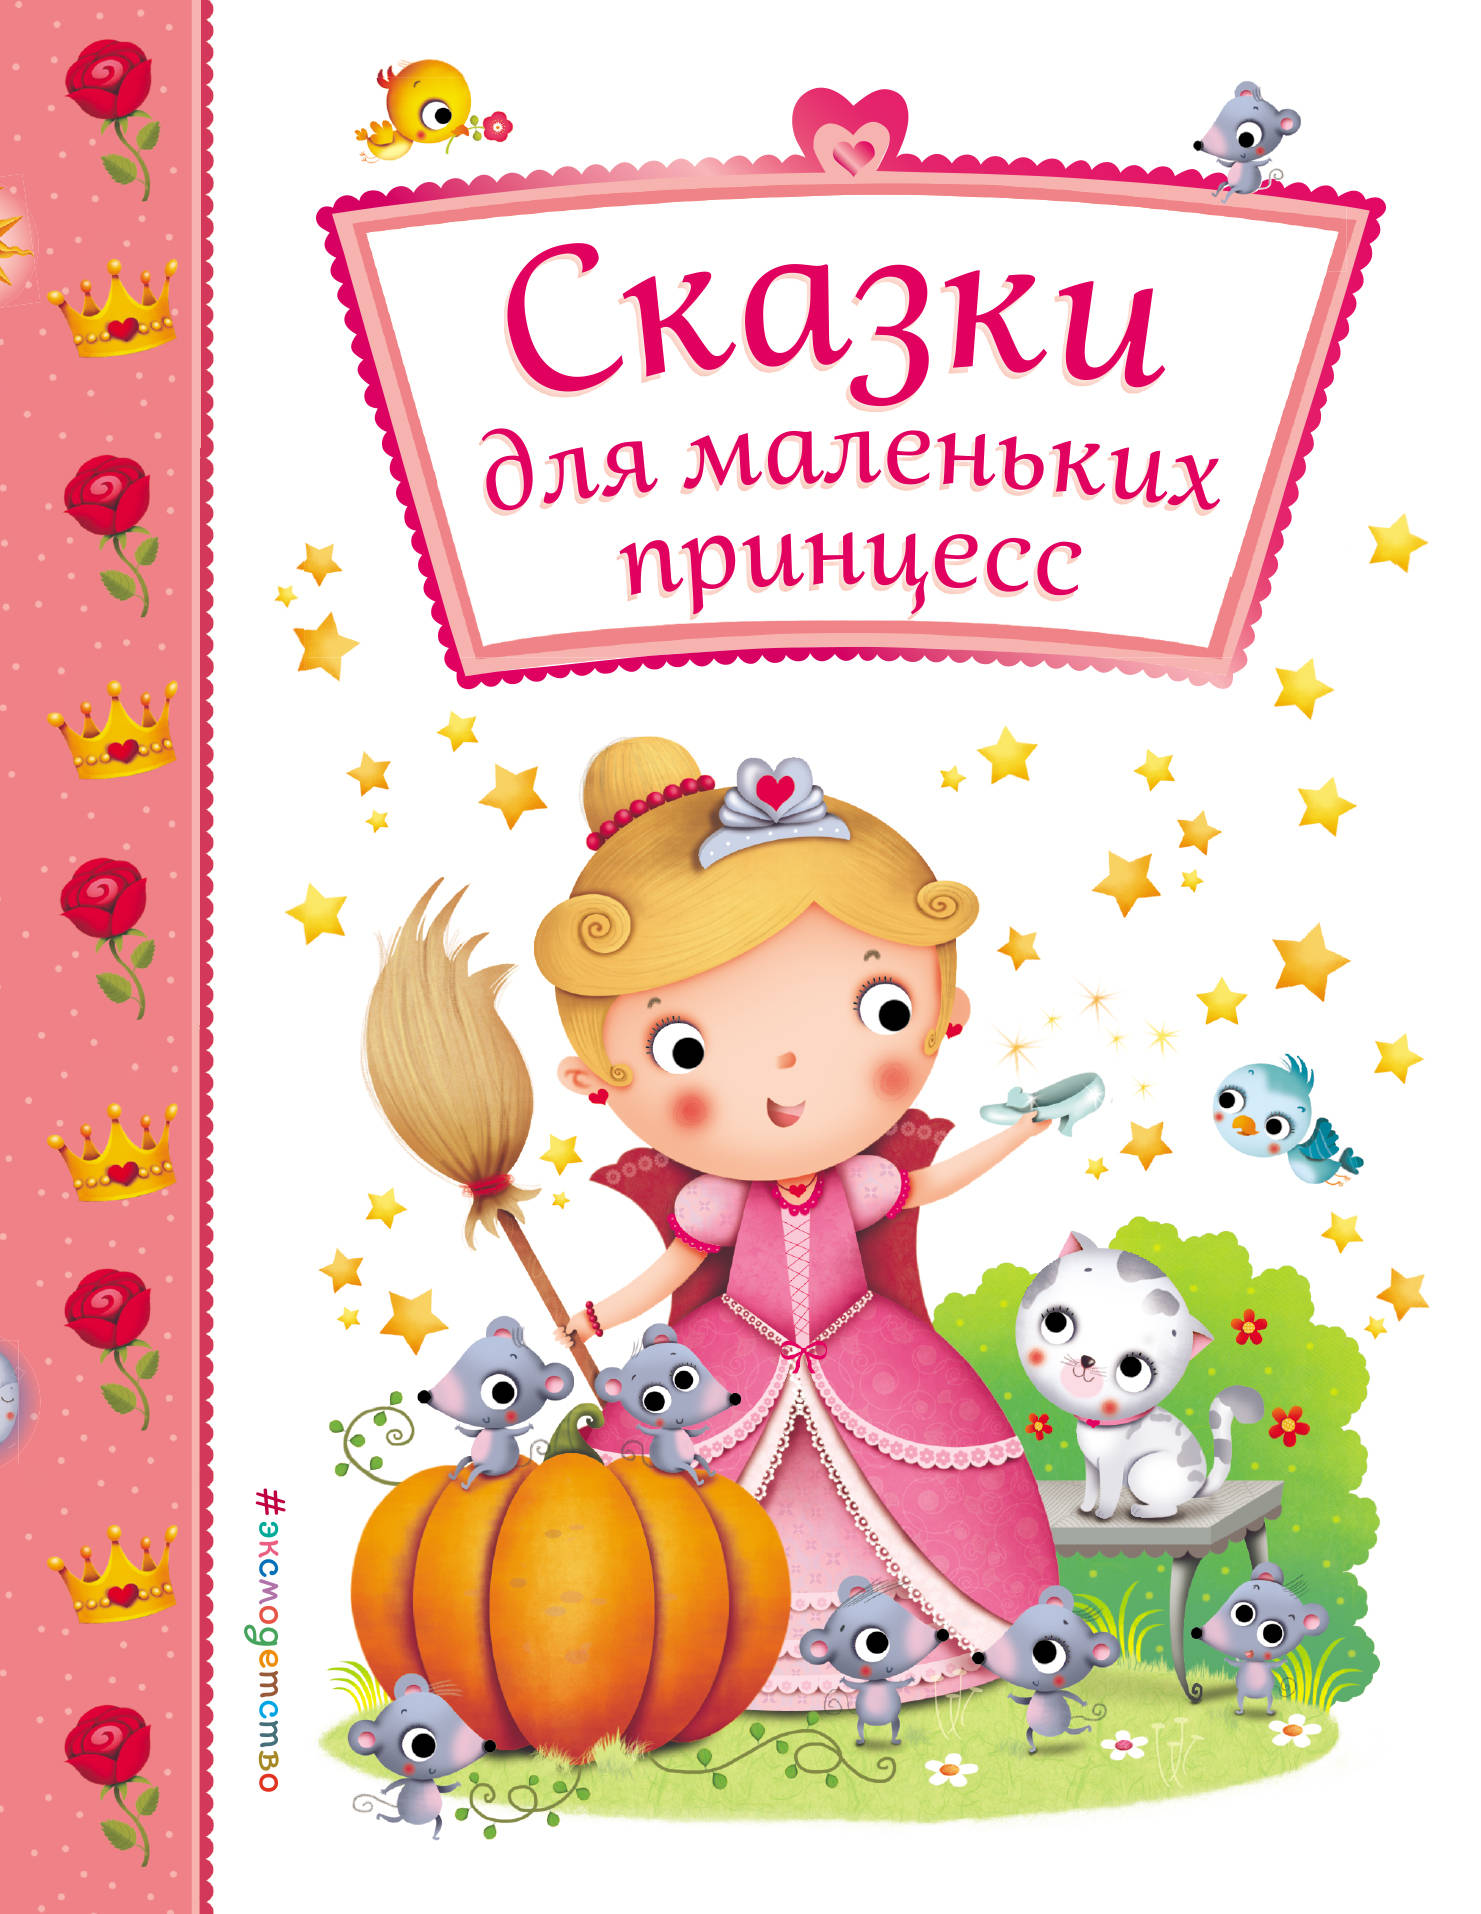 Сказки для маленьких принцесс все самые великие сказки мира